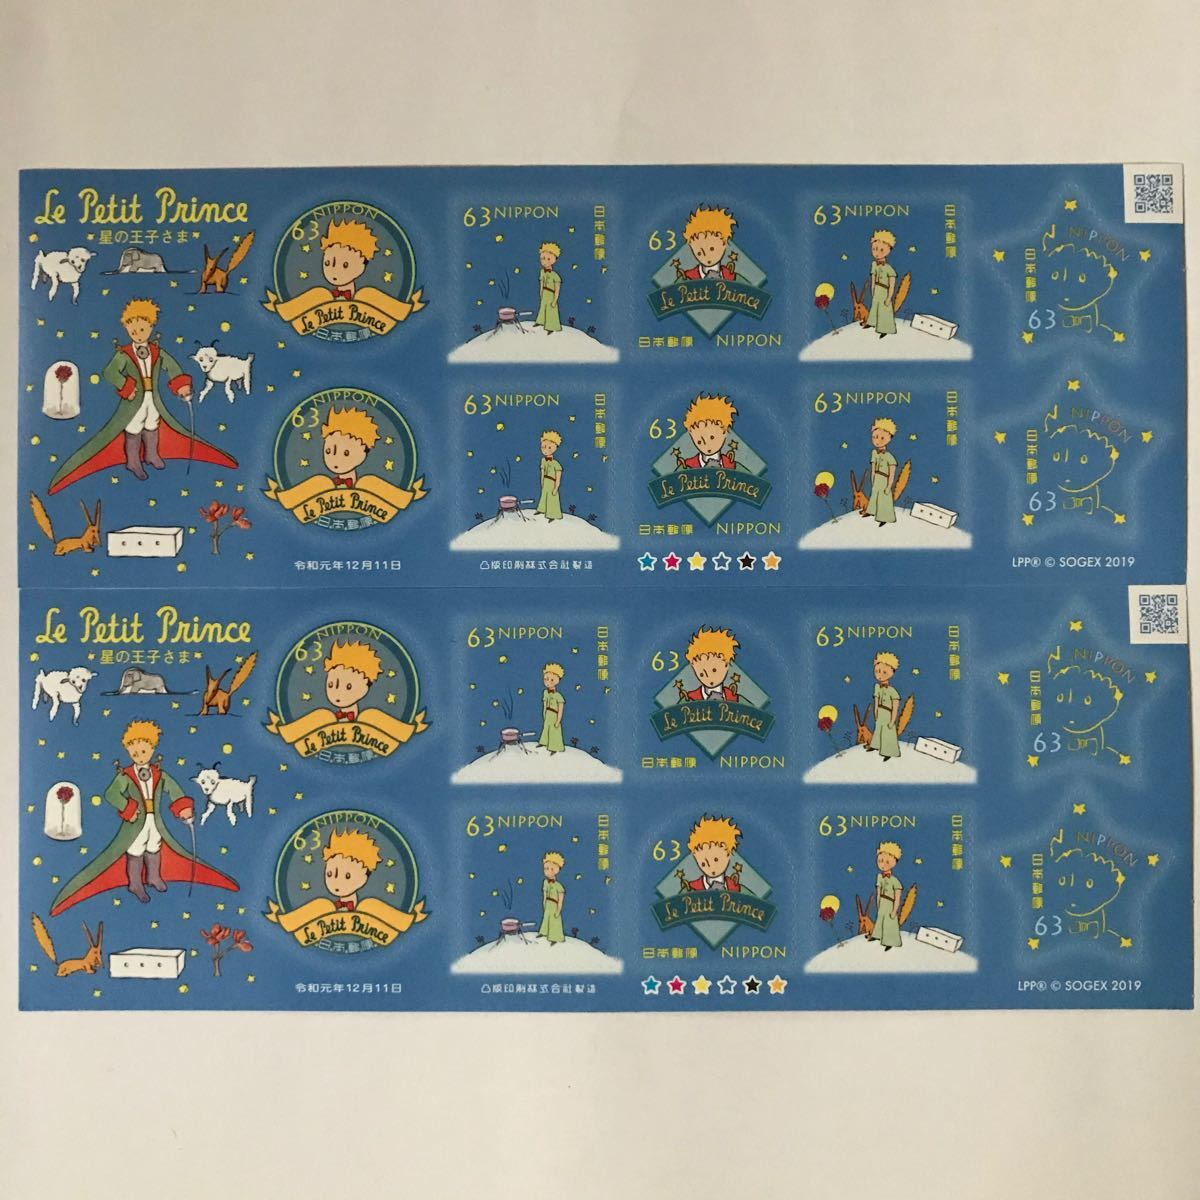 「星の王子さま」グリーティング切手 63円 シール切手シート 630円×2枚セット 記念切手 日本郵便 未使用